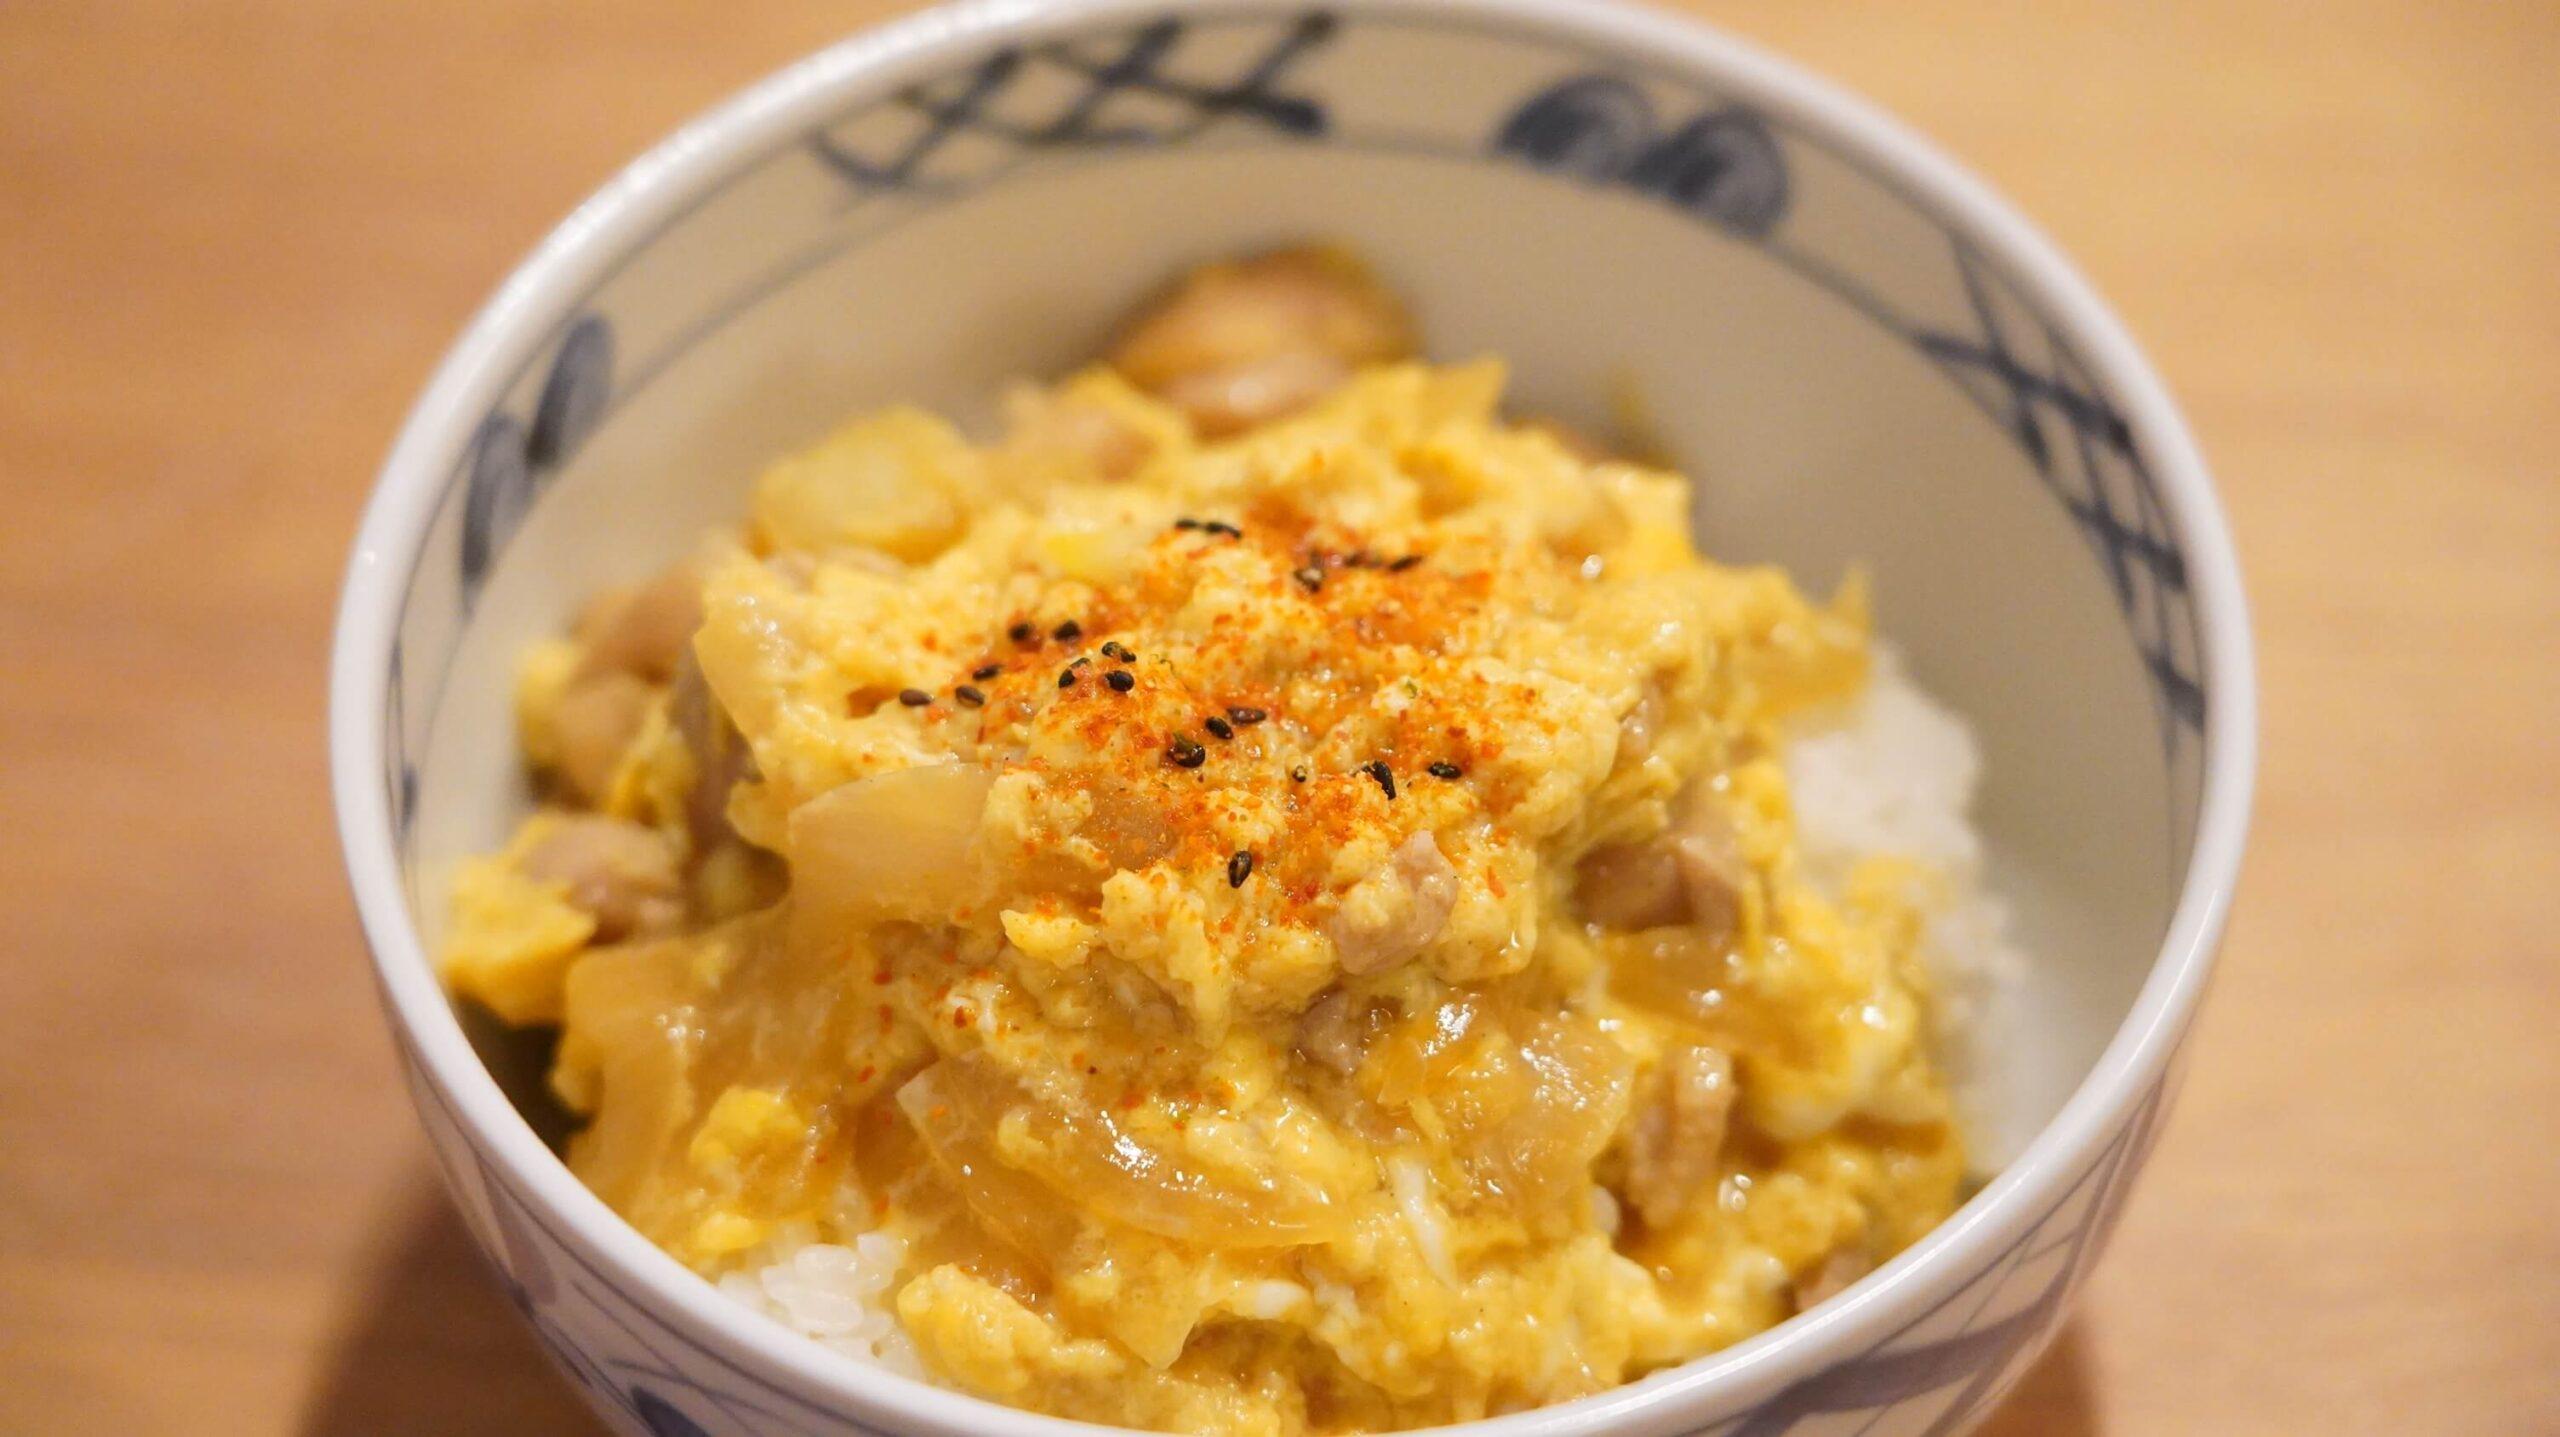 通販でネット注文した「なか卯」の冷凍食品「親子丼の具」に七味唐辛子をかけた写真